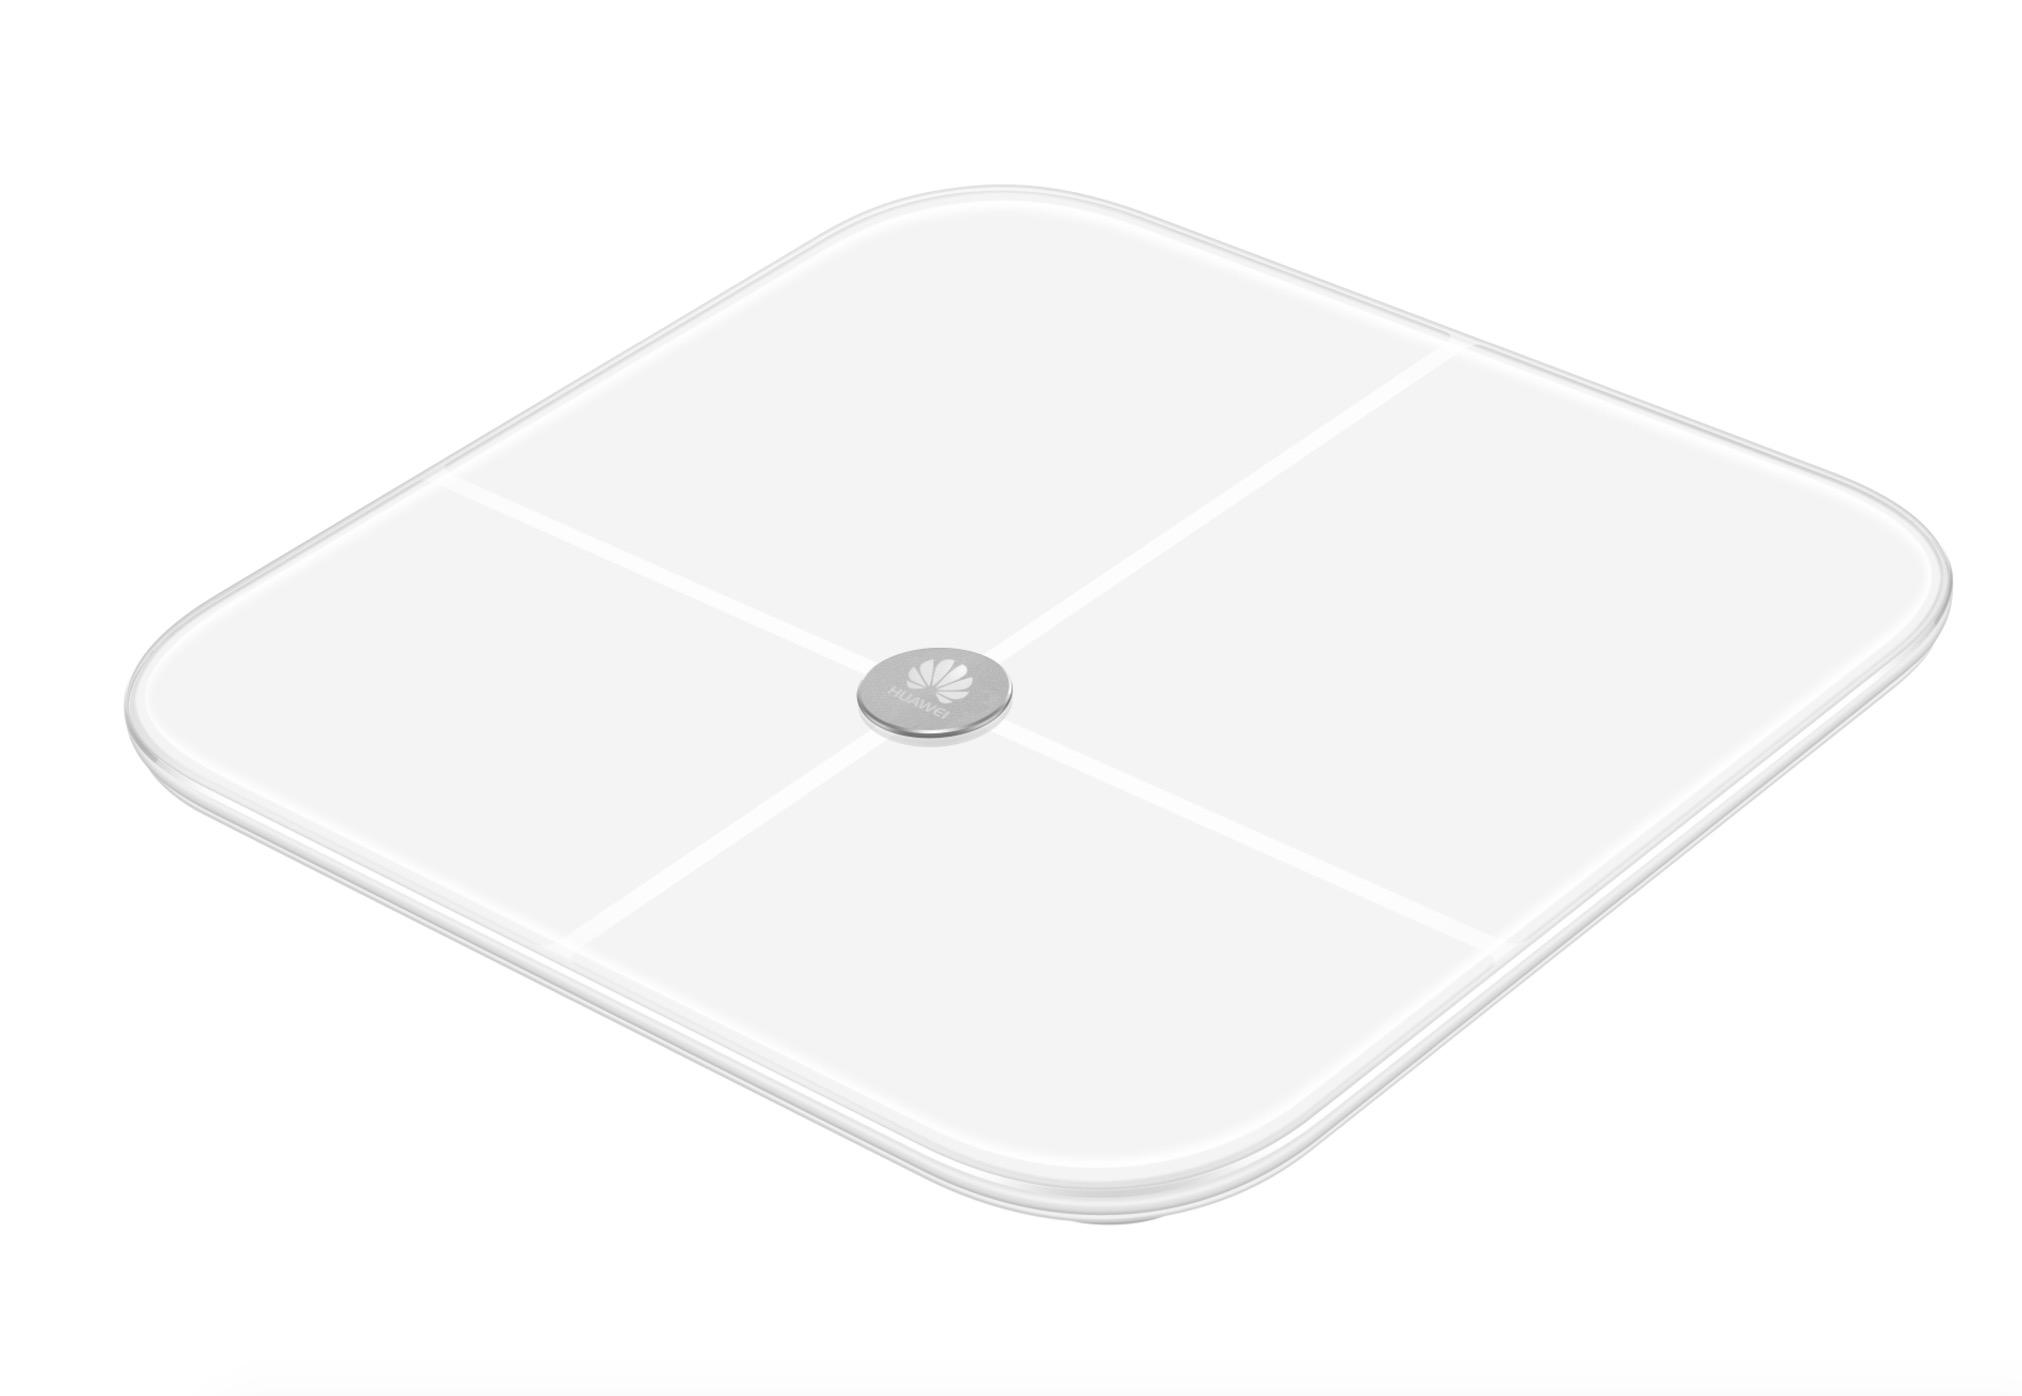 waga huawei body fat scale